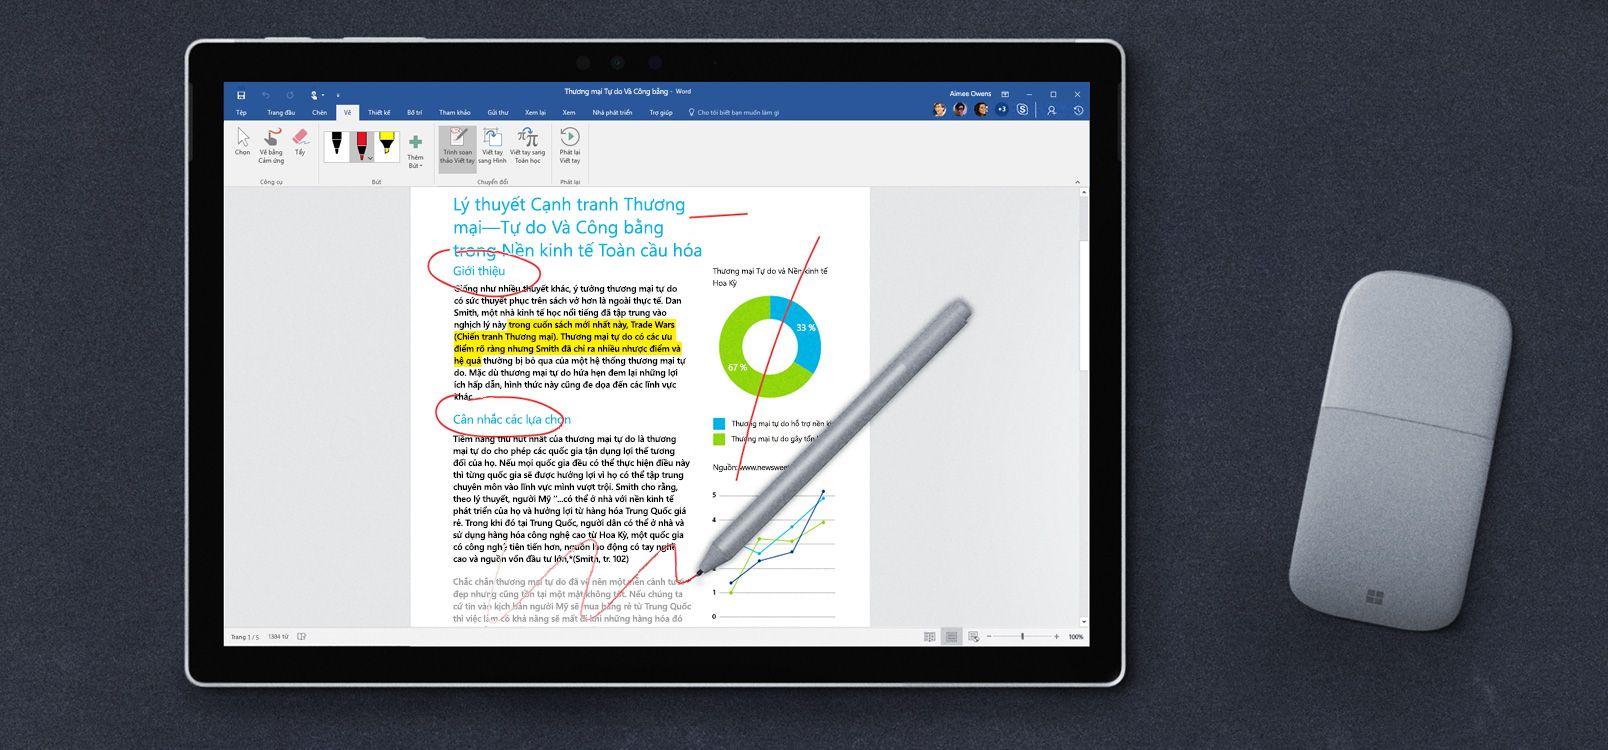 Màn hình máy tính bảng hiển thị Trình soạn thảo Viết tay